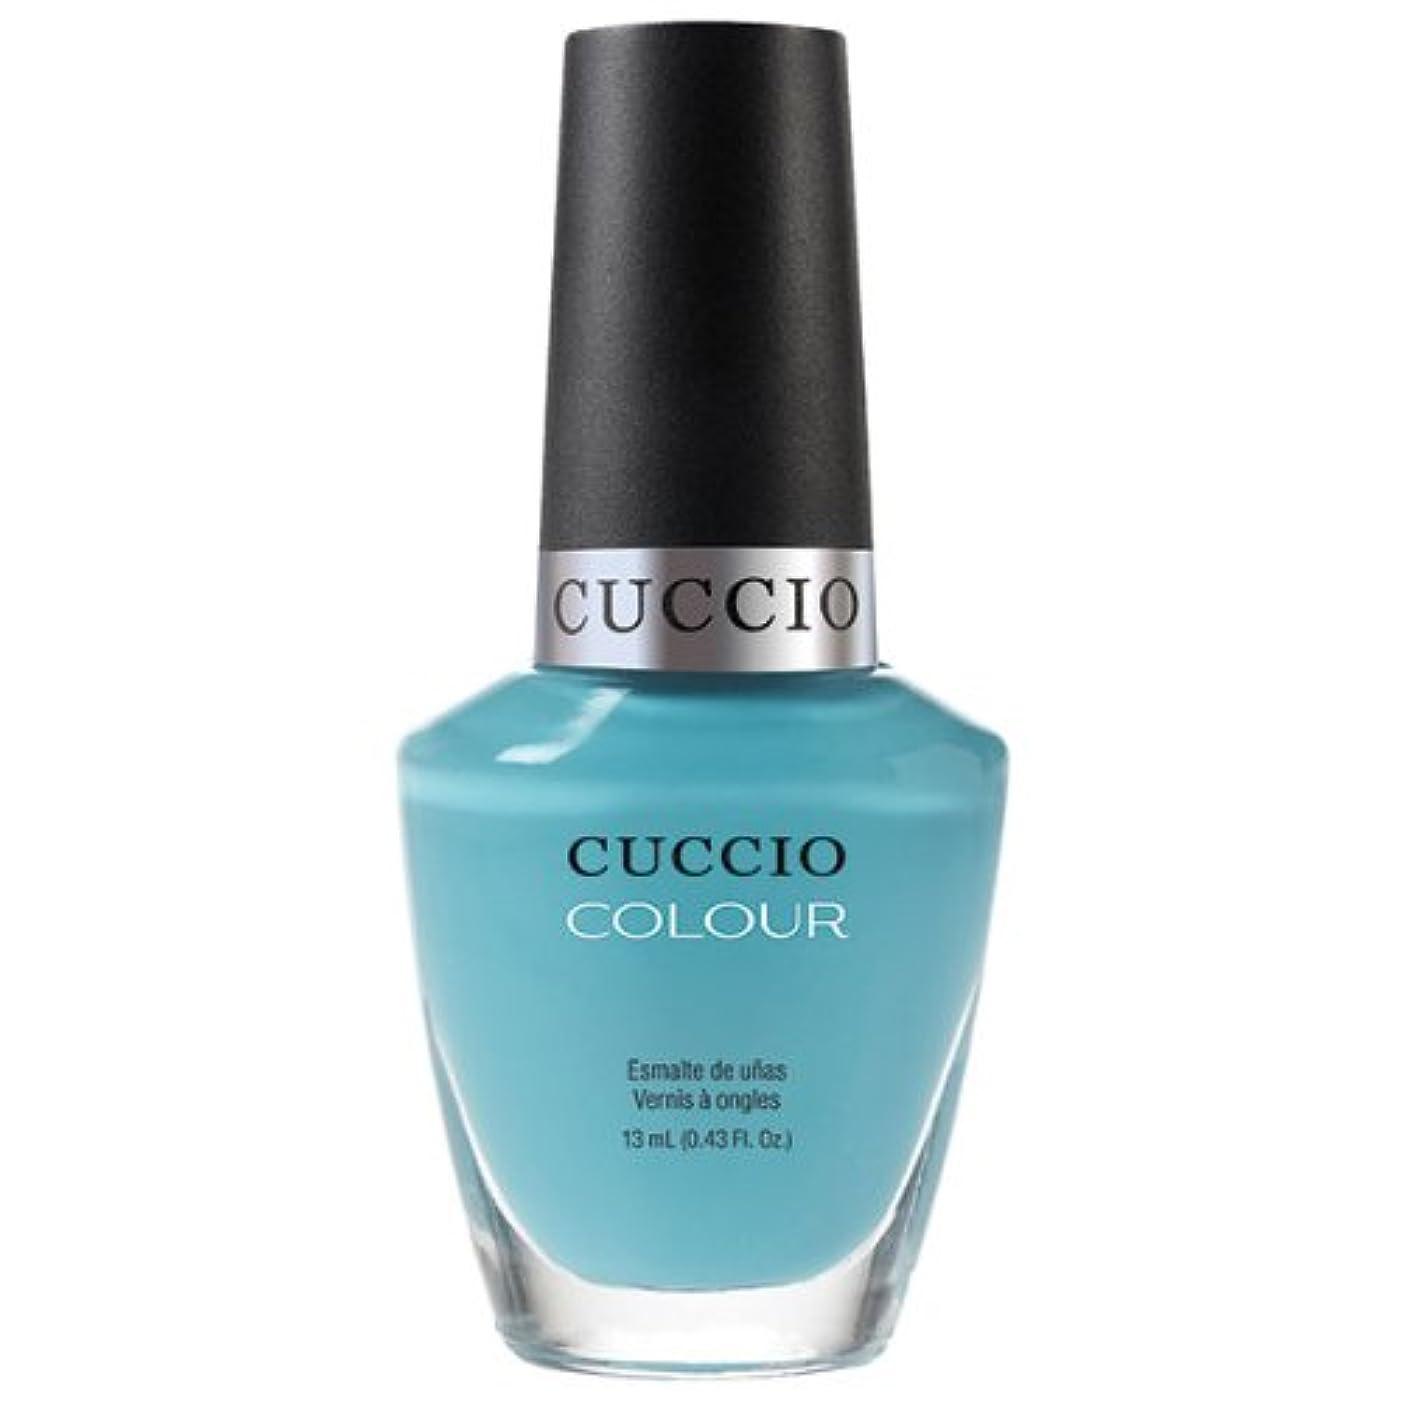 驚くばかり気体の溶接Cuccio Colour Gloss Lacquer - Make a Wish in Rome - 0.43oz / 13ml